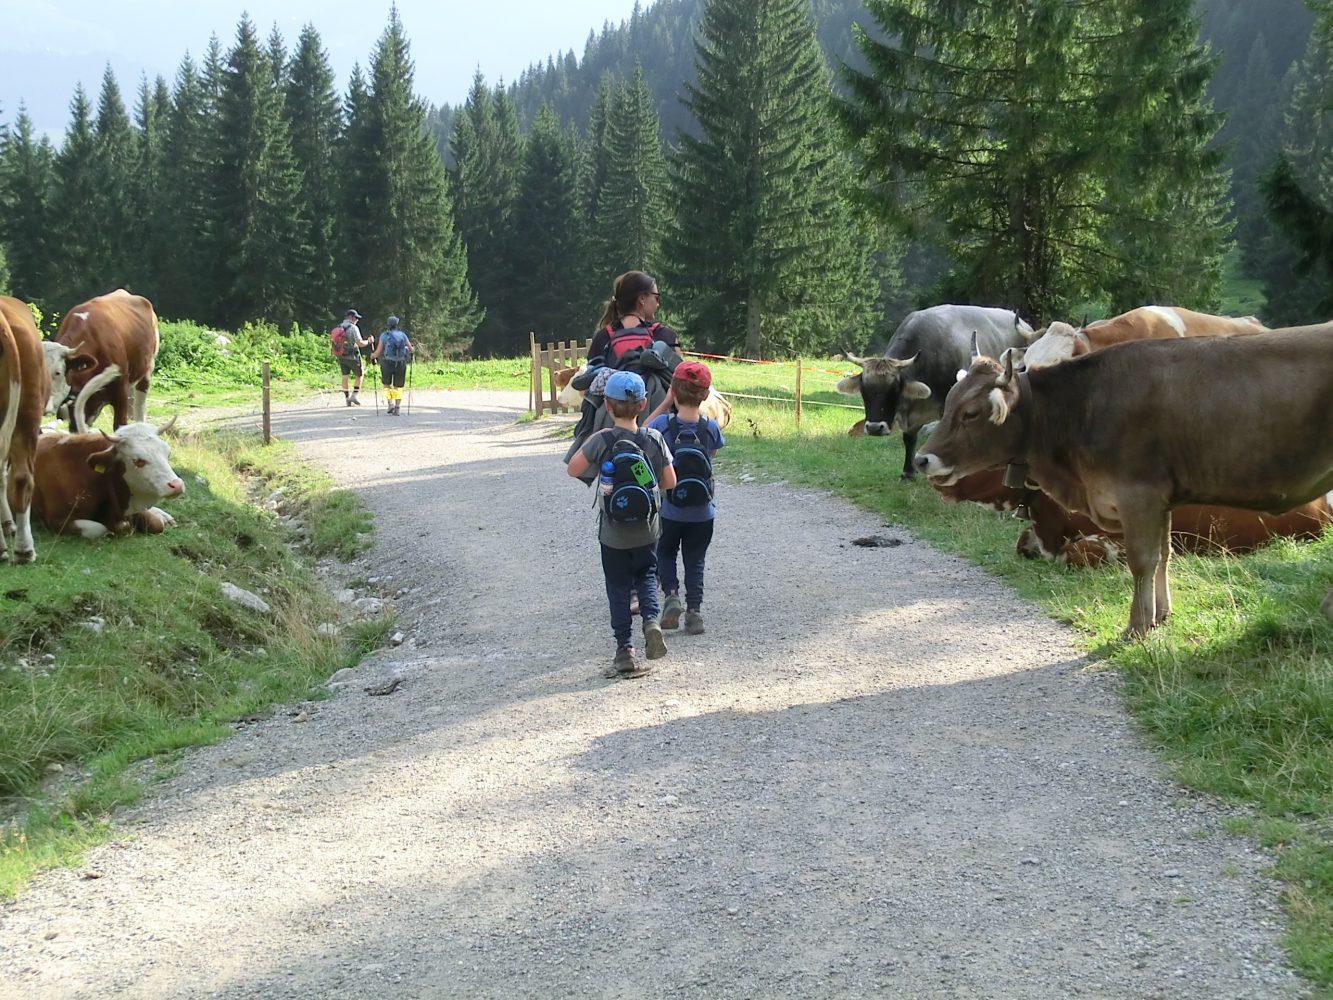 mitten durch die friedlich grasende Kuhherde